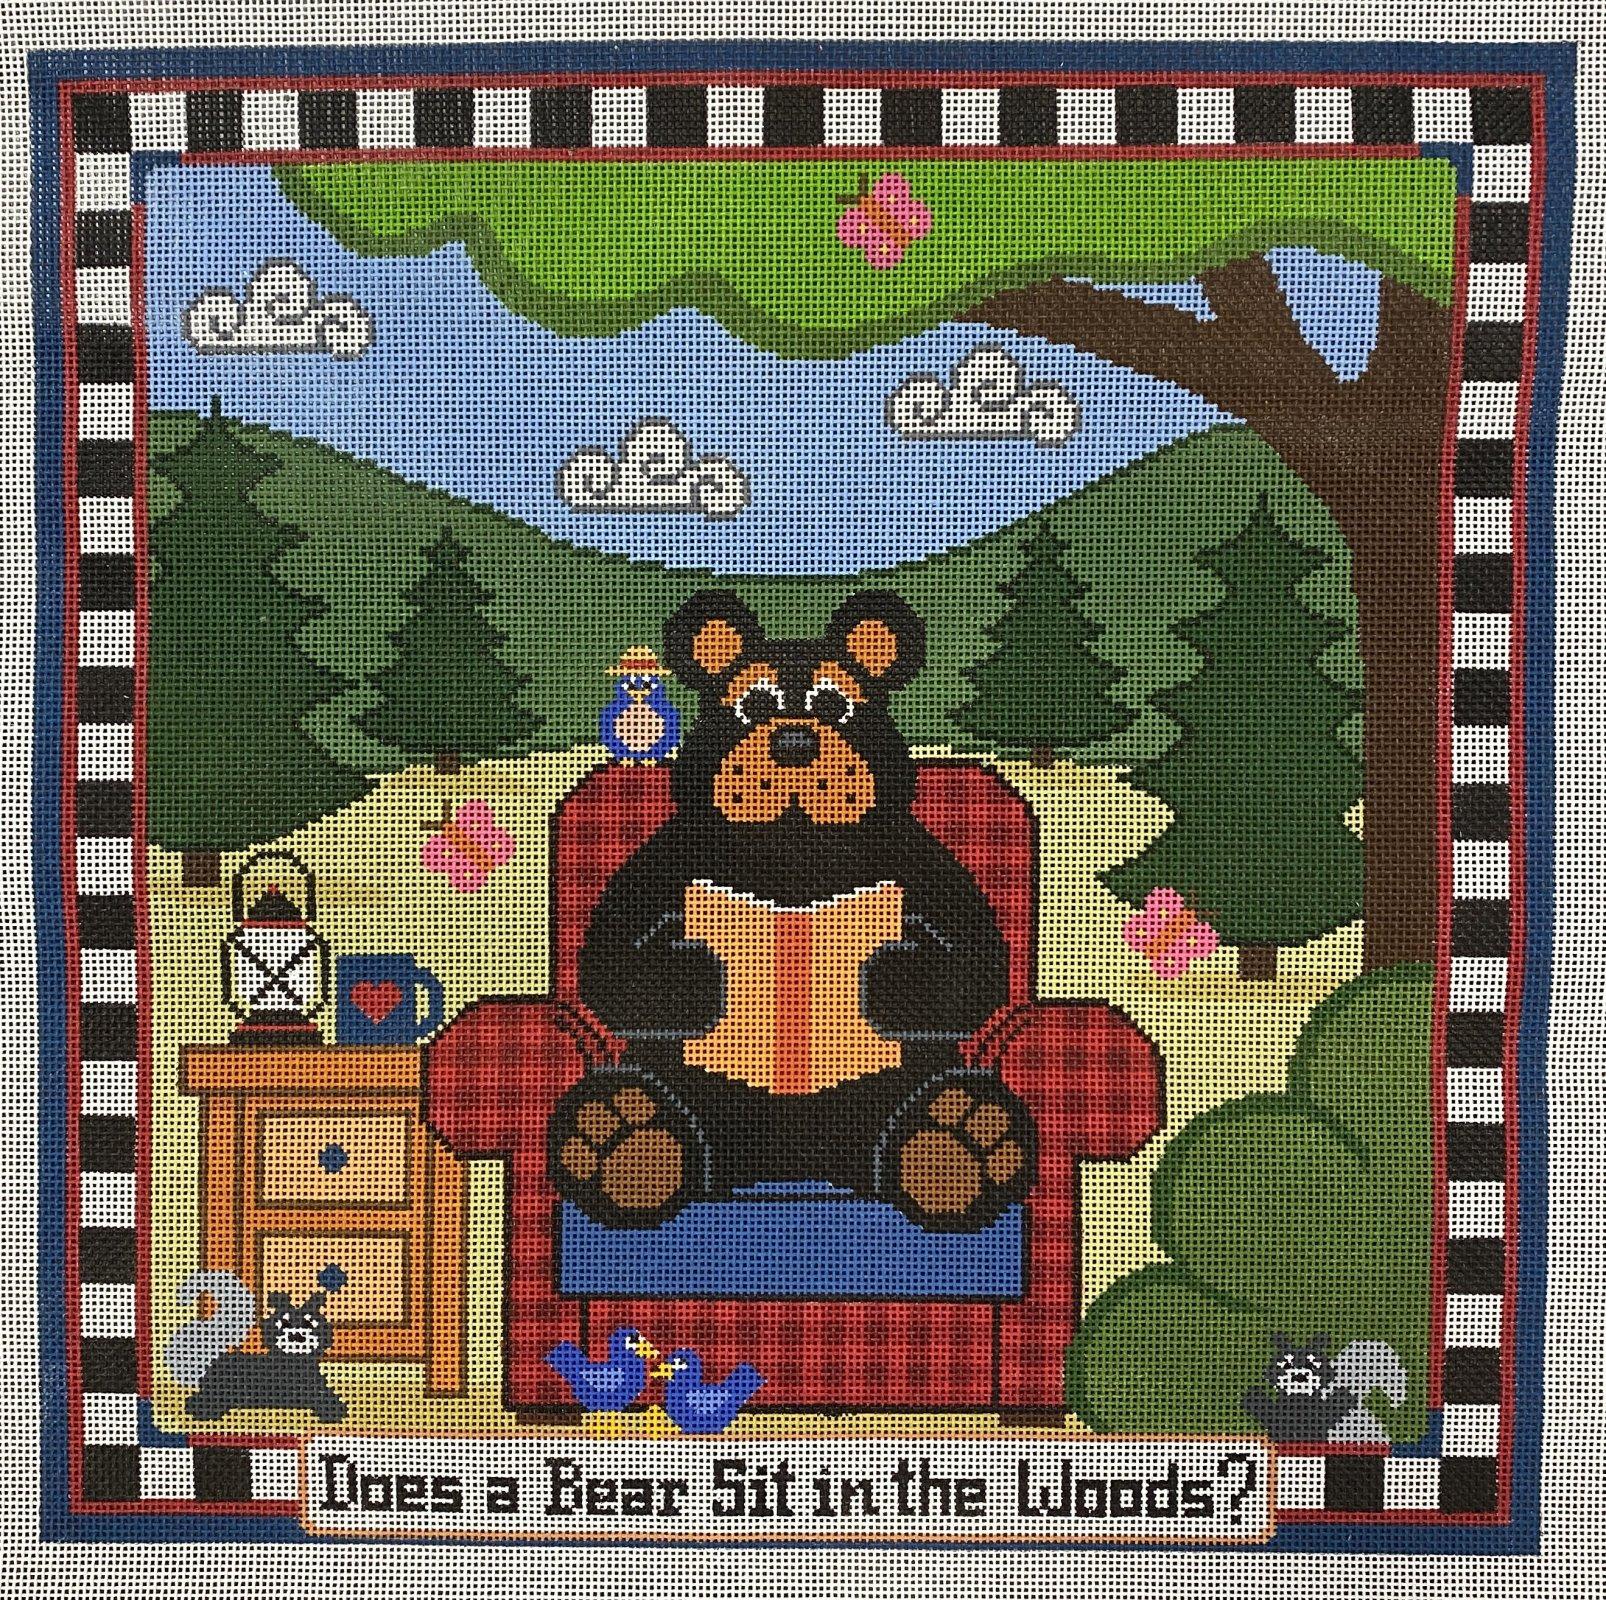 does a bear sit...